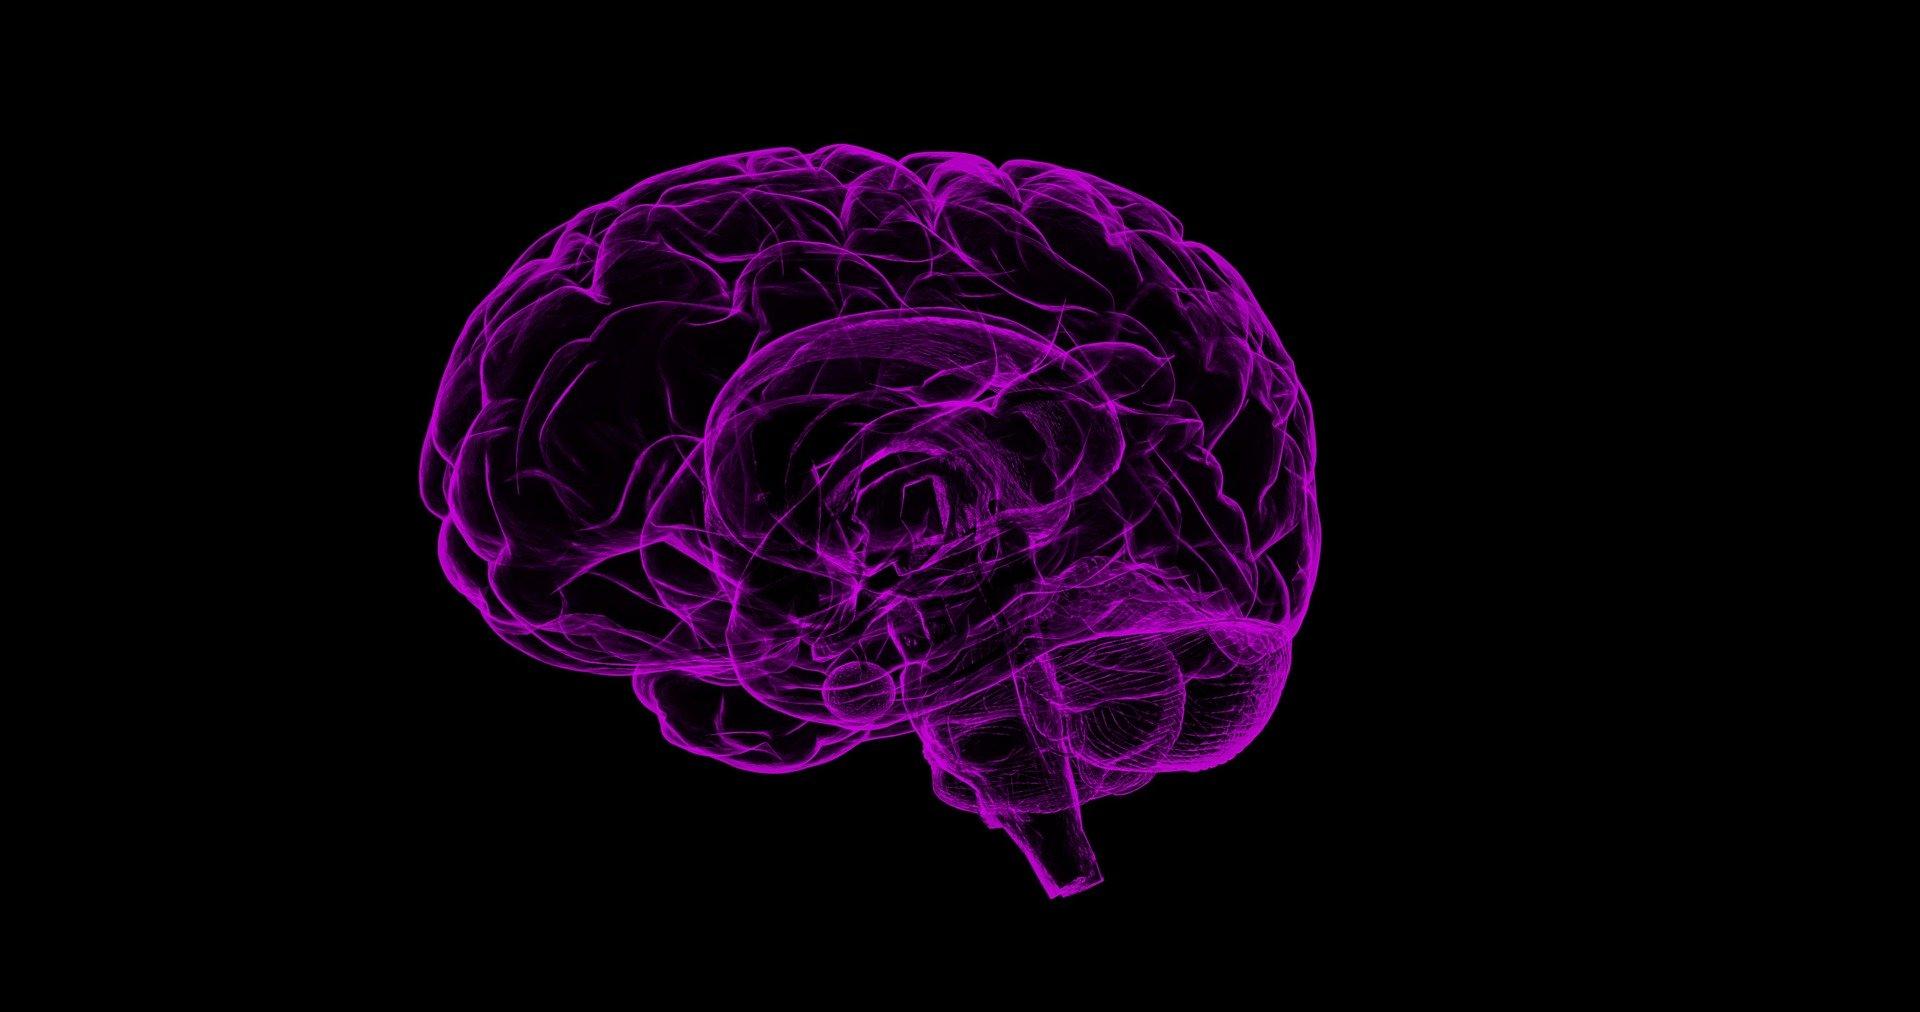 Почему изучение мозга оказалось не таким полезным?